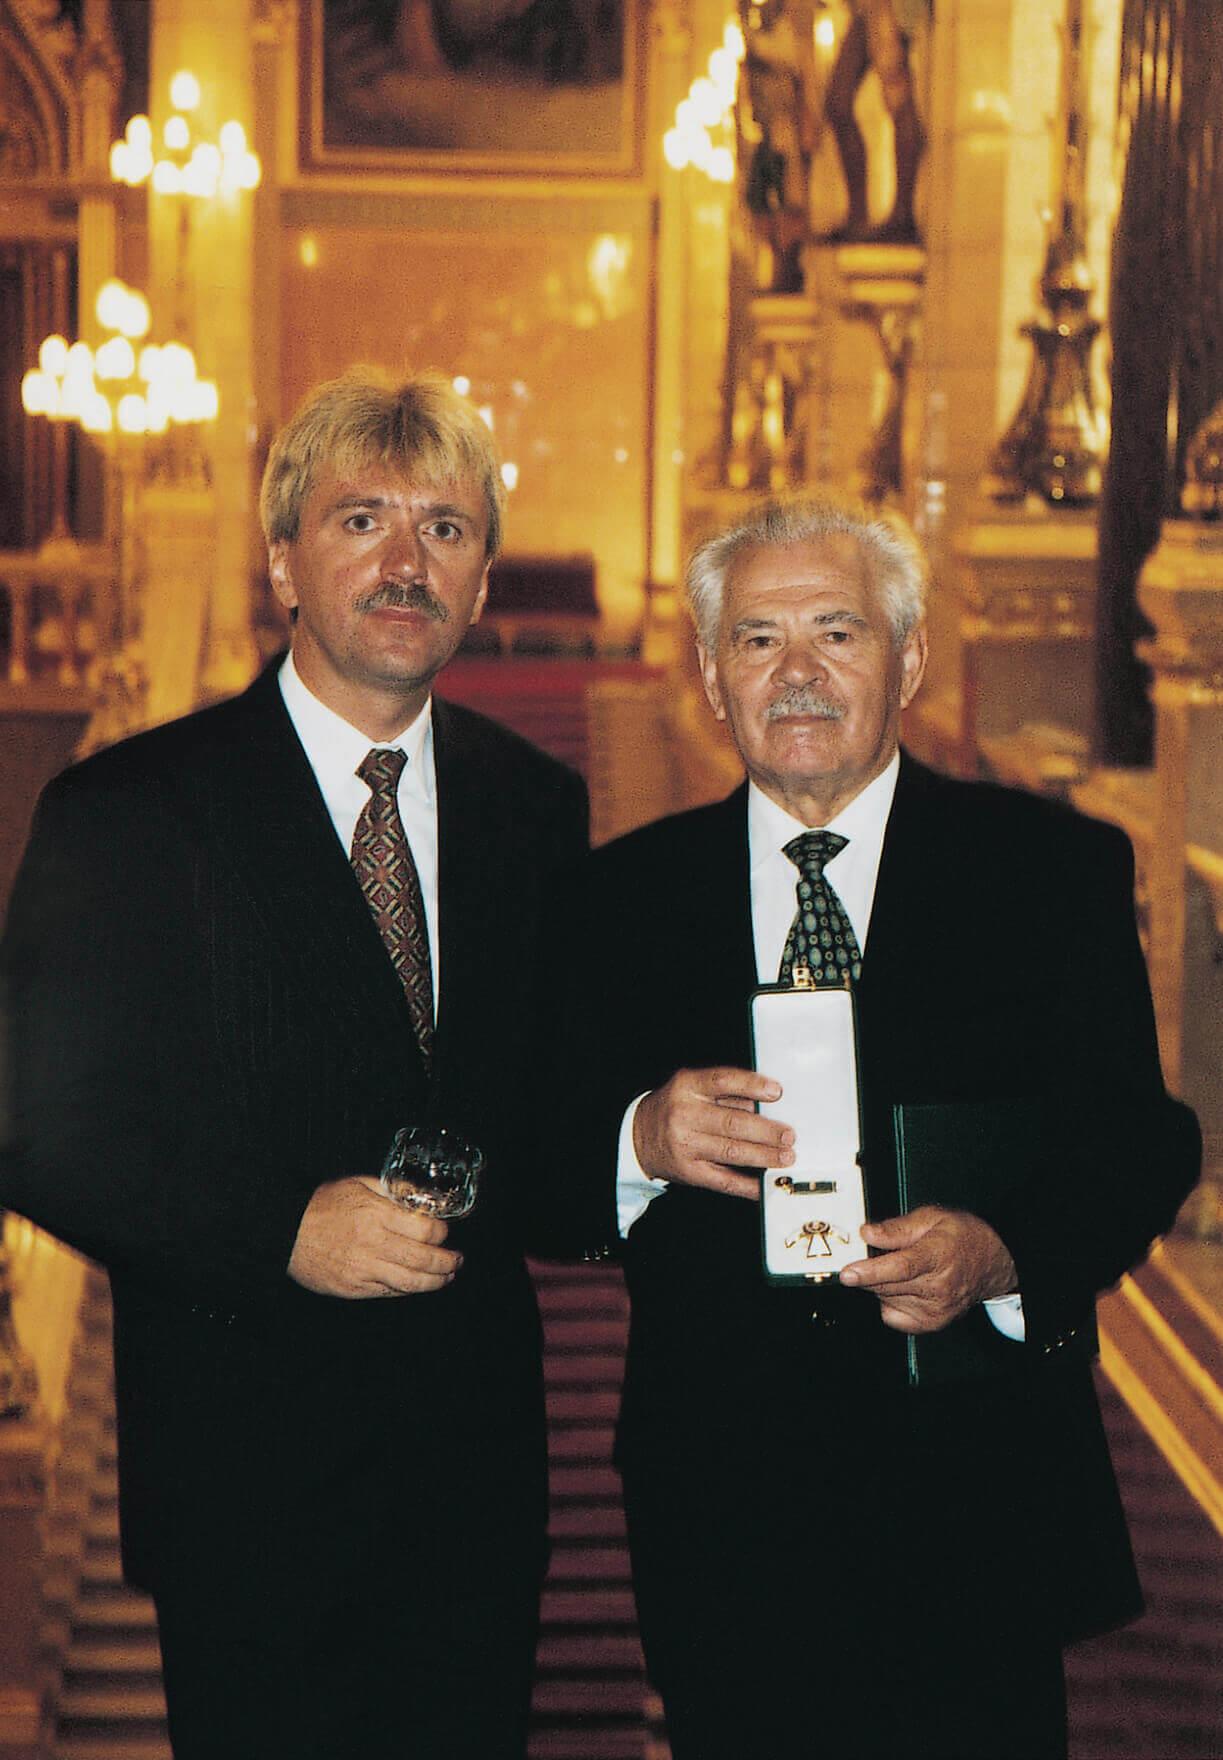 A Magyar Köztársasági Érdemrend Tisztikeresztje kitüntetés átvételekor fiával (Budapest, 1997)